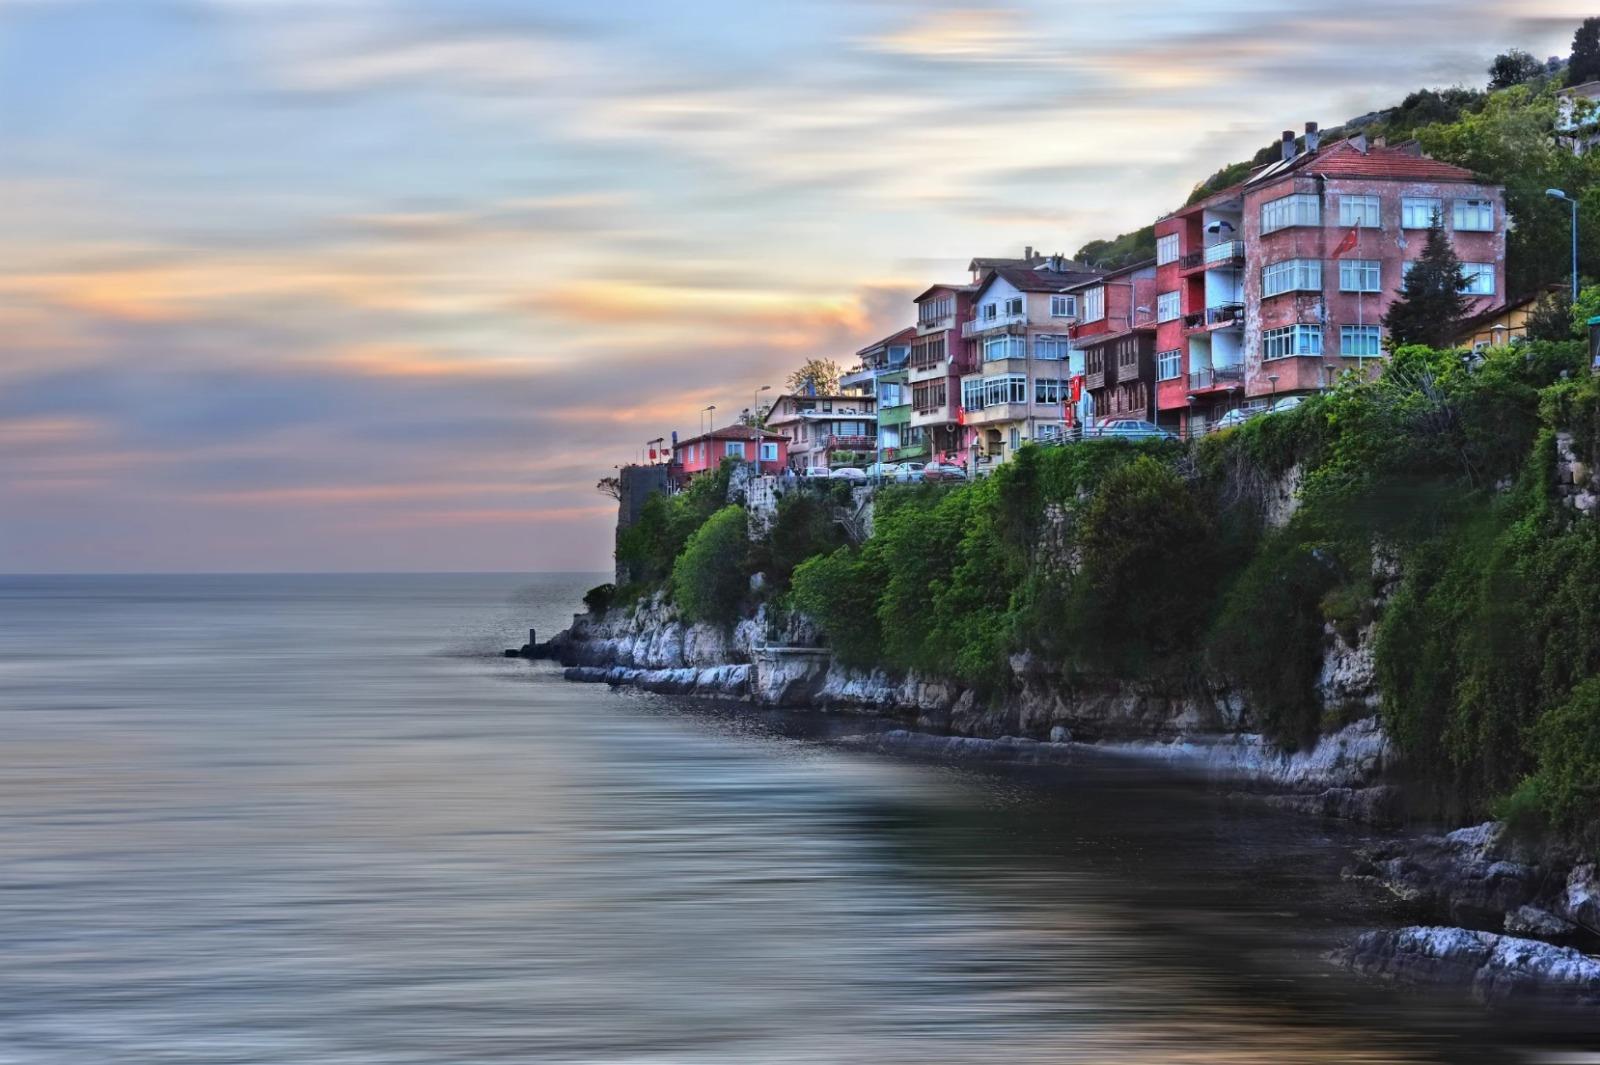 مدينة اماسرا في تركيا